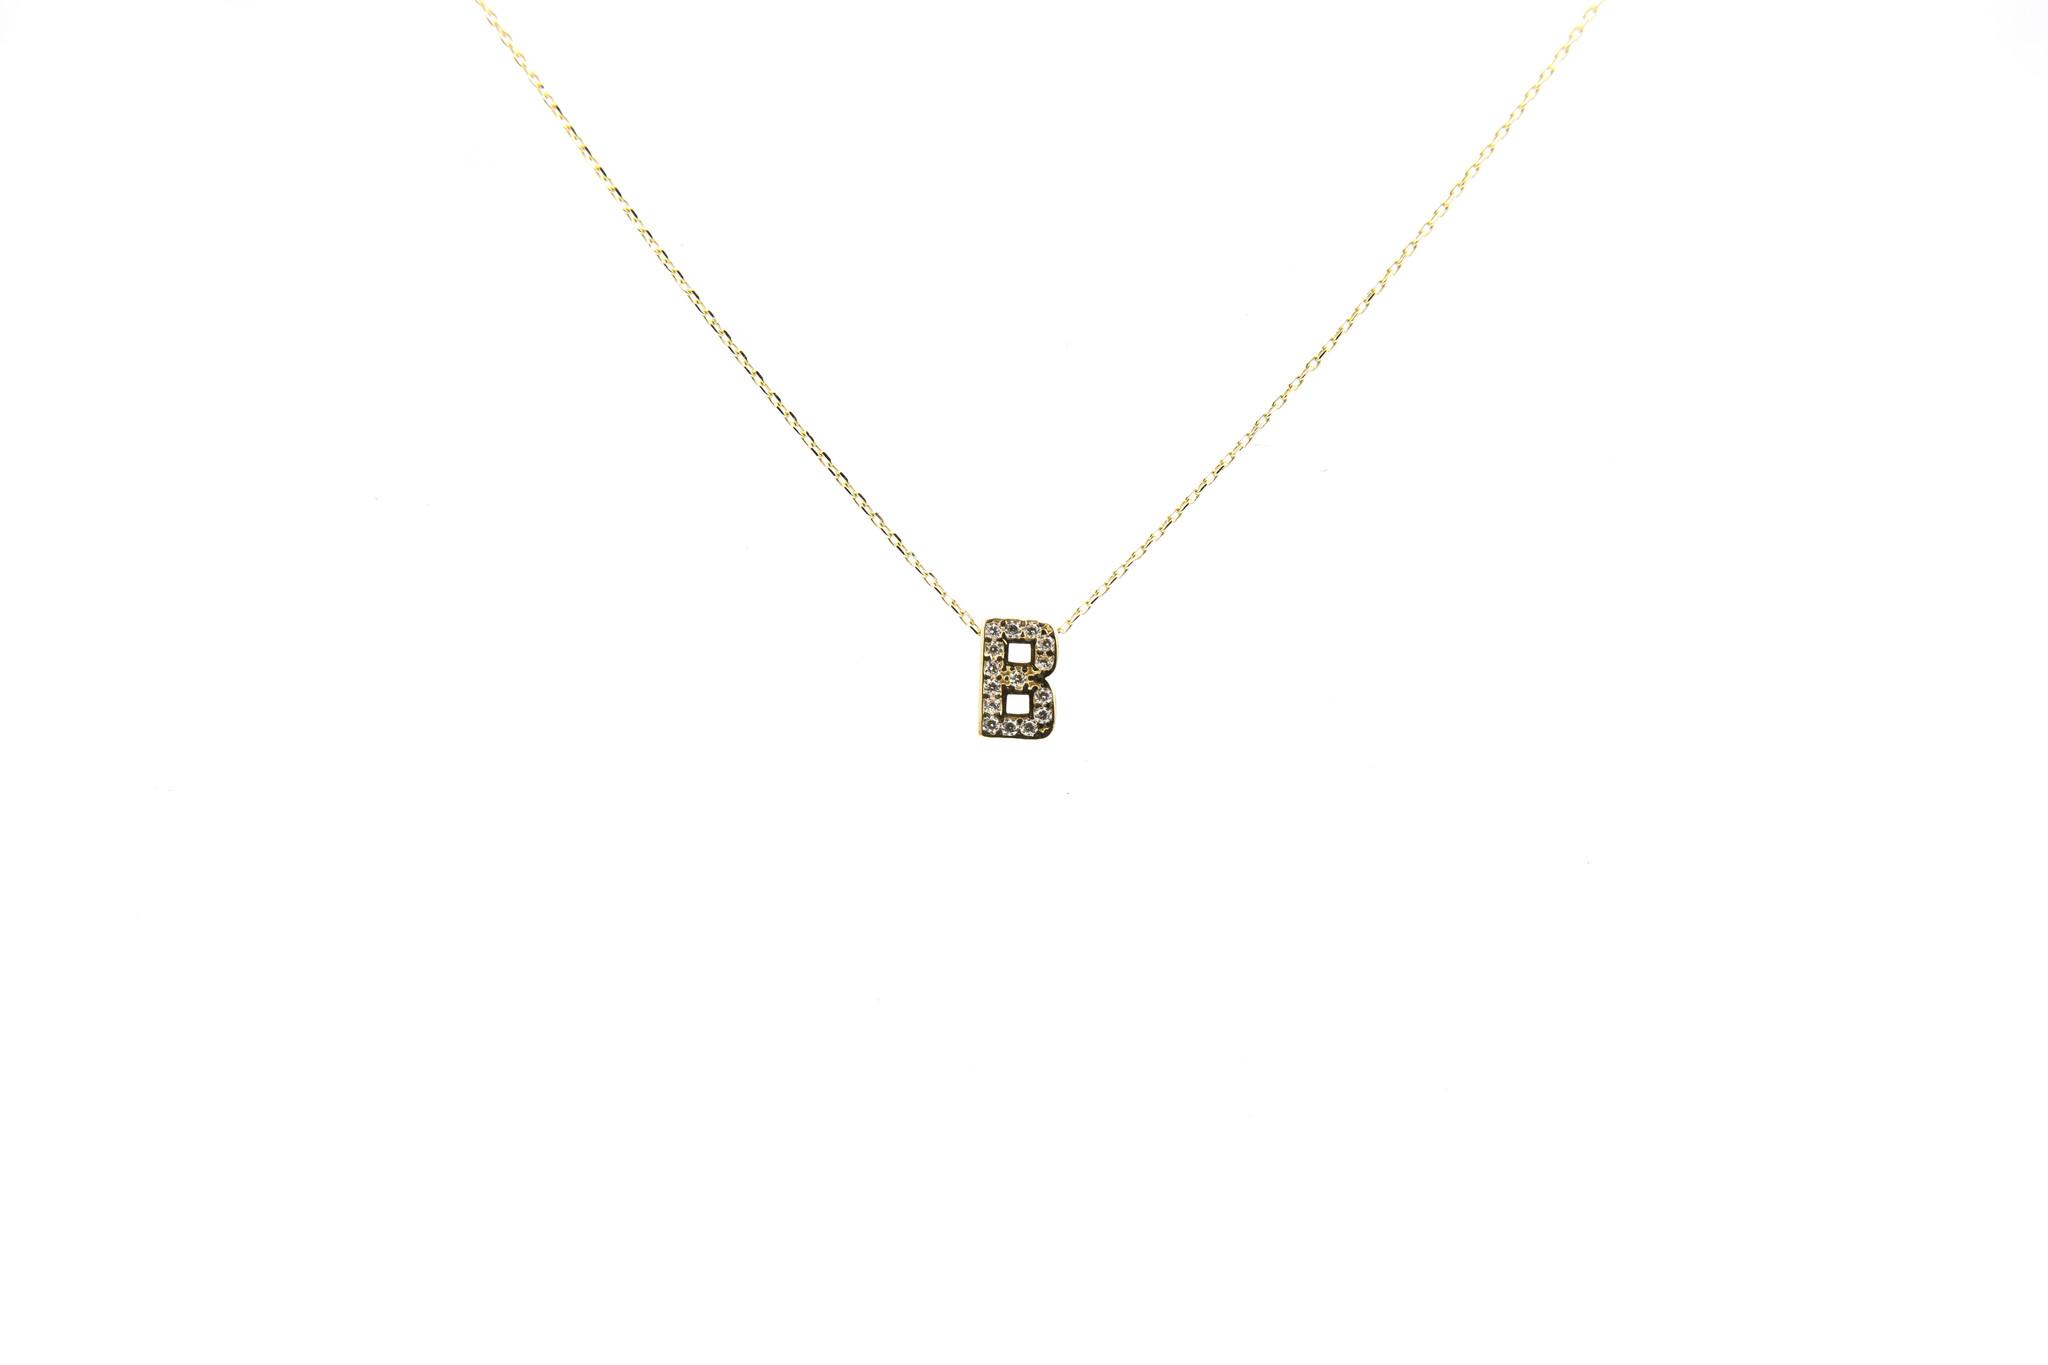 Ketting met vaste hanger letter B met zirkonia's-1